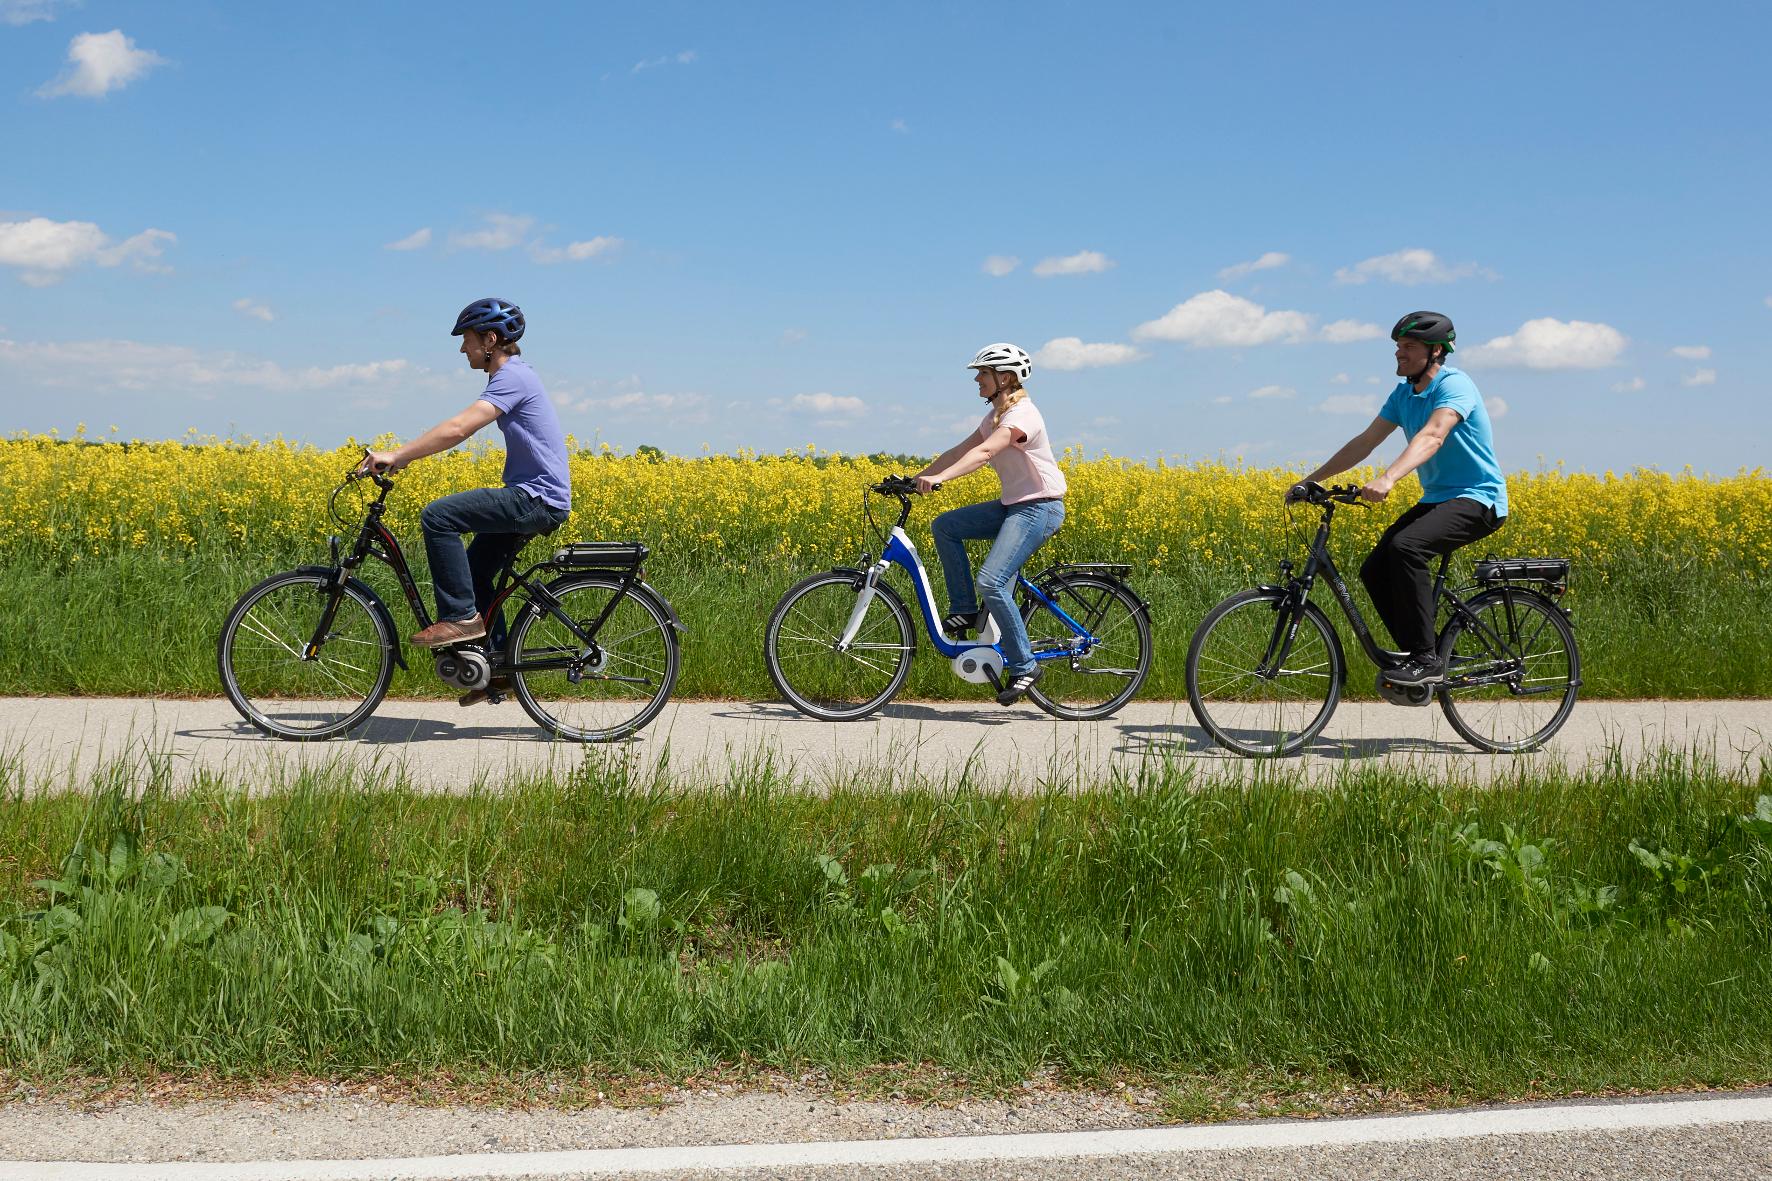 """mid Groß-Gerau - 15 Pedelecs im Test des ADAC und der Stiftung Warentest. Sieben Bikes mit Elektro-Unterstützung bekommen die Note """"gut""""."""